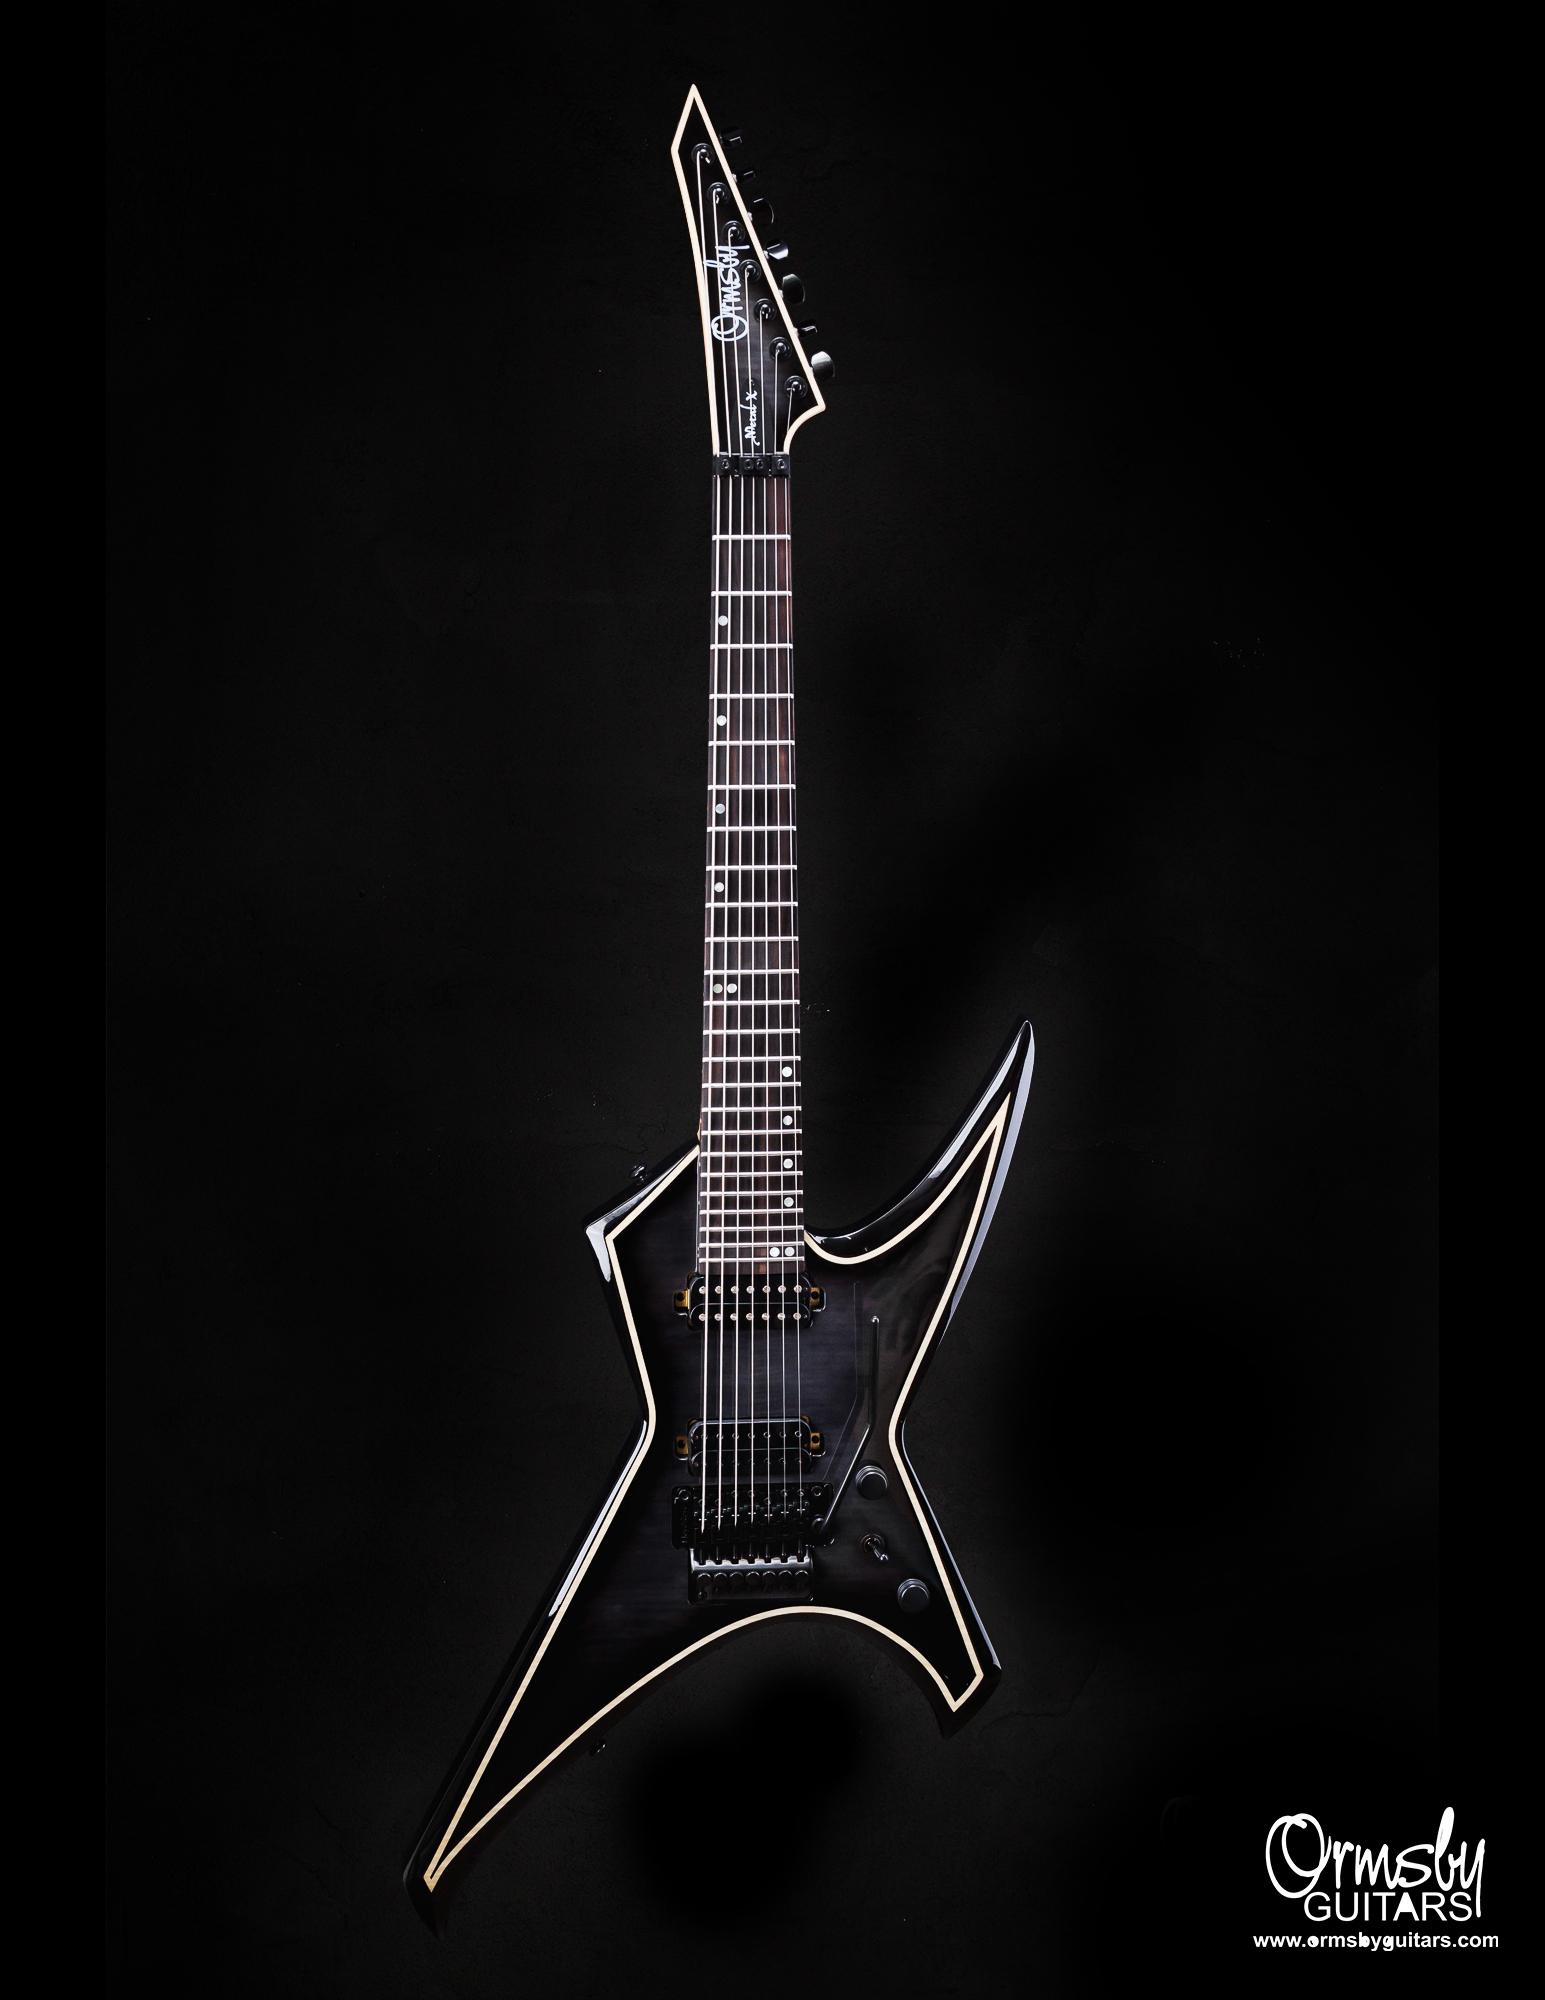 Ormsby Guitars Run 11 metal X